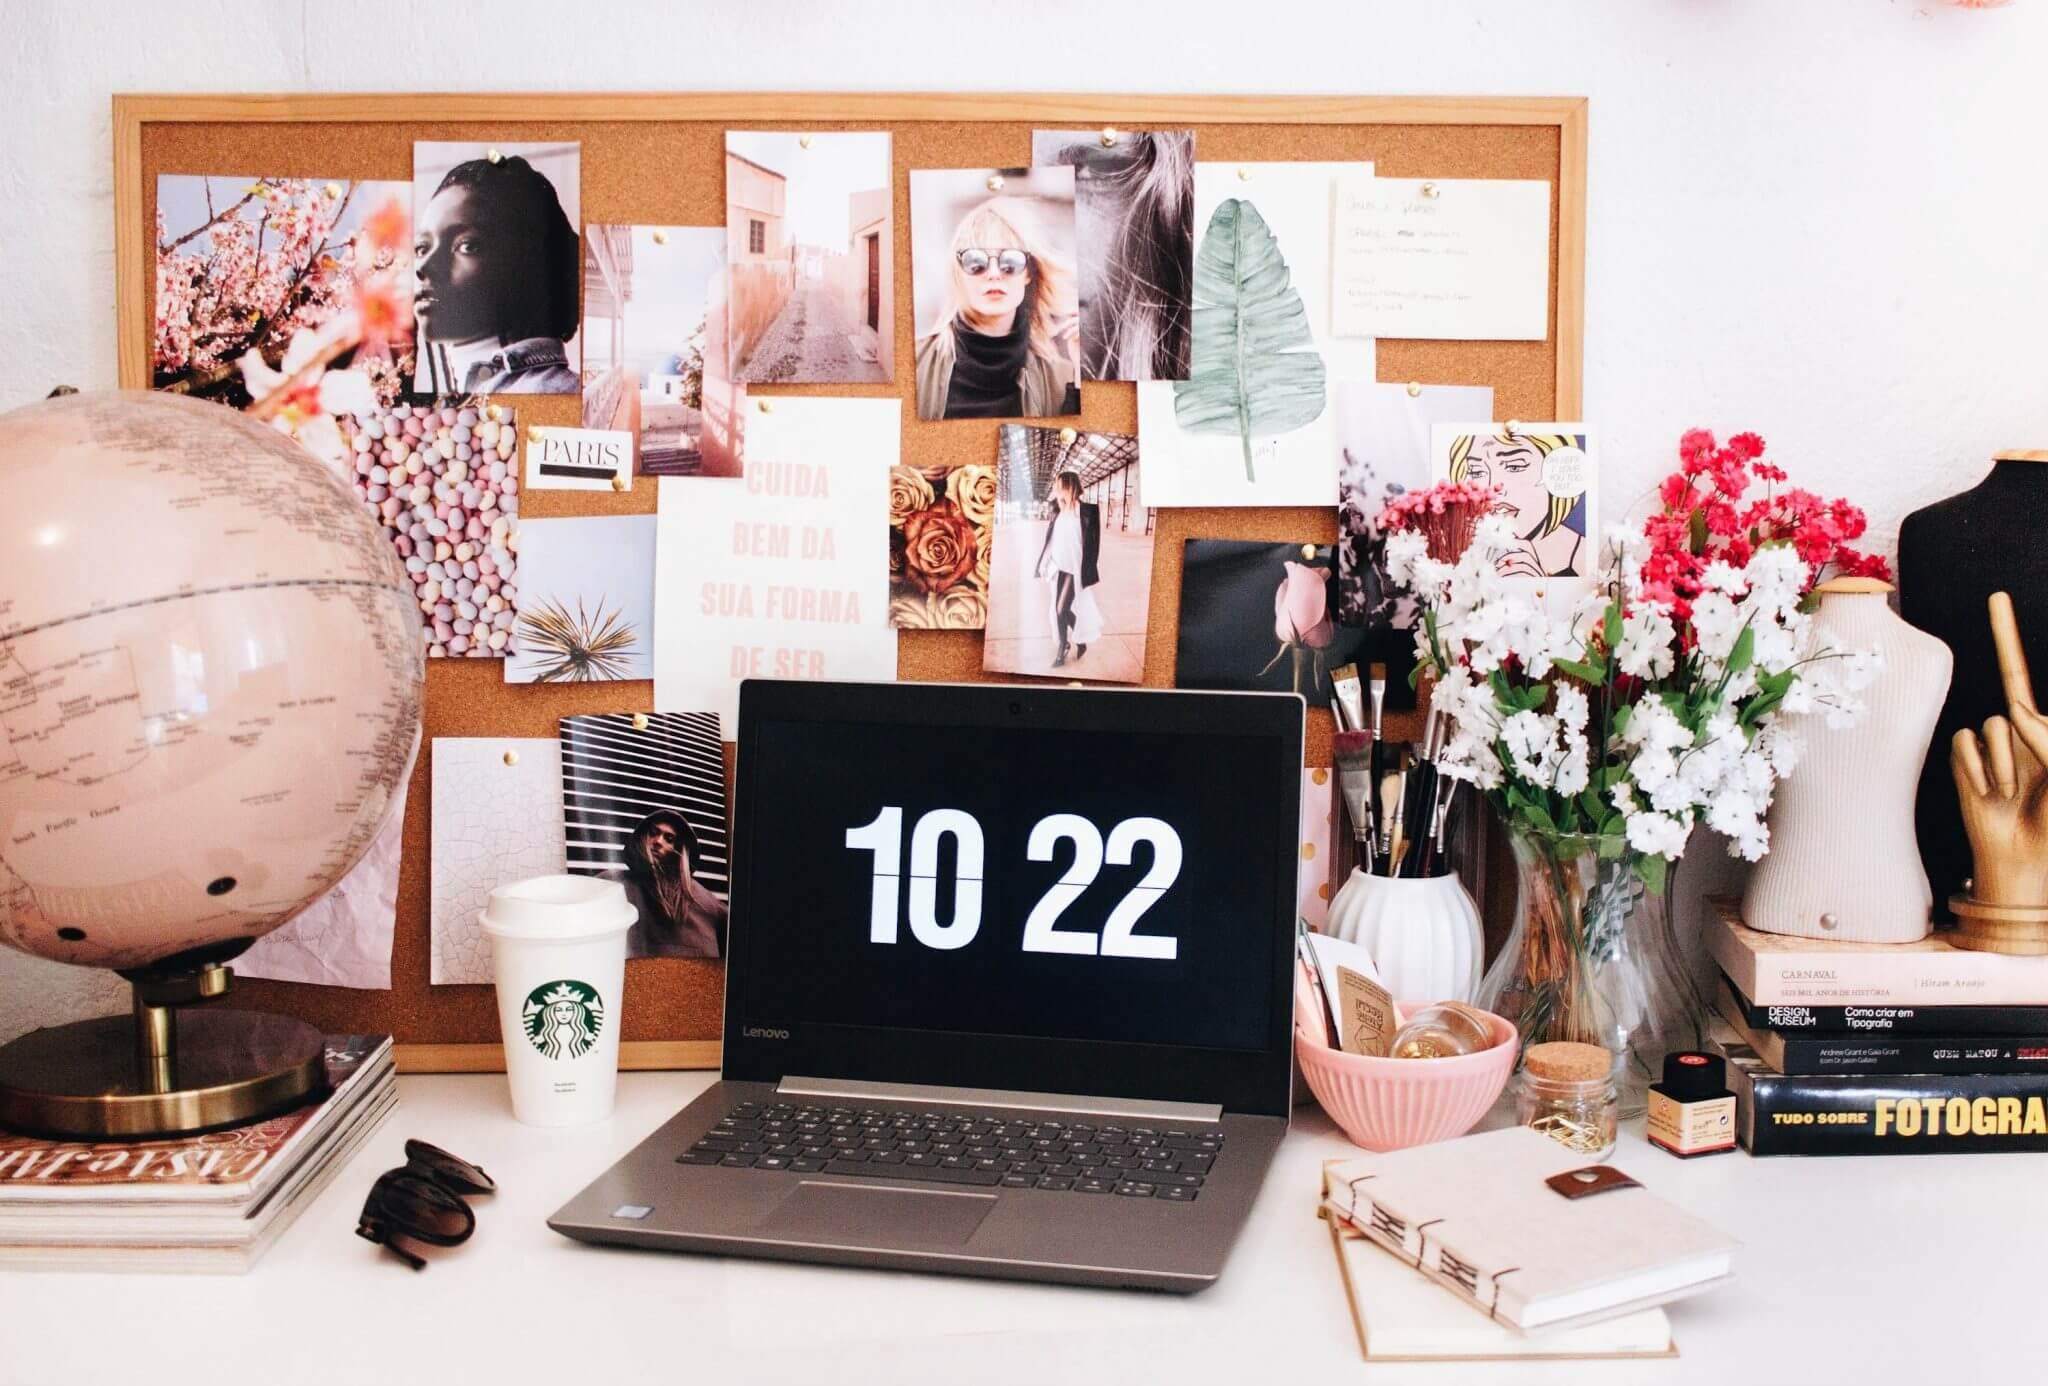 ella jardim 683098 unsplash - Motivationswand als neuer Trend der perfekten Arbeitsecke